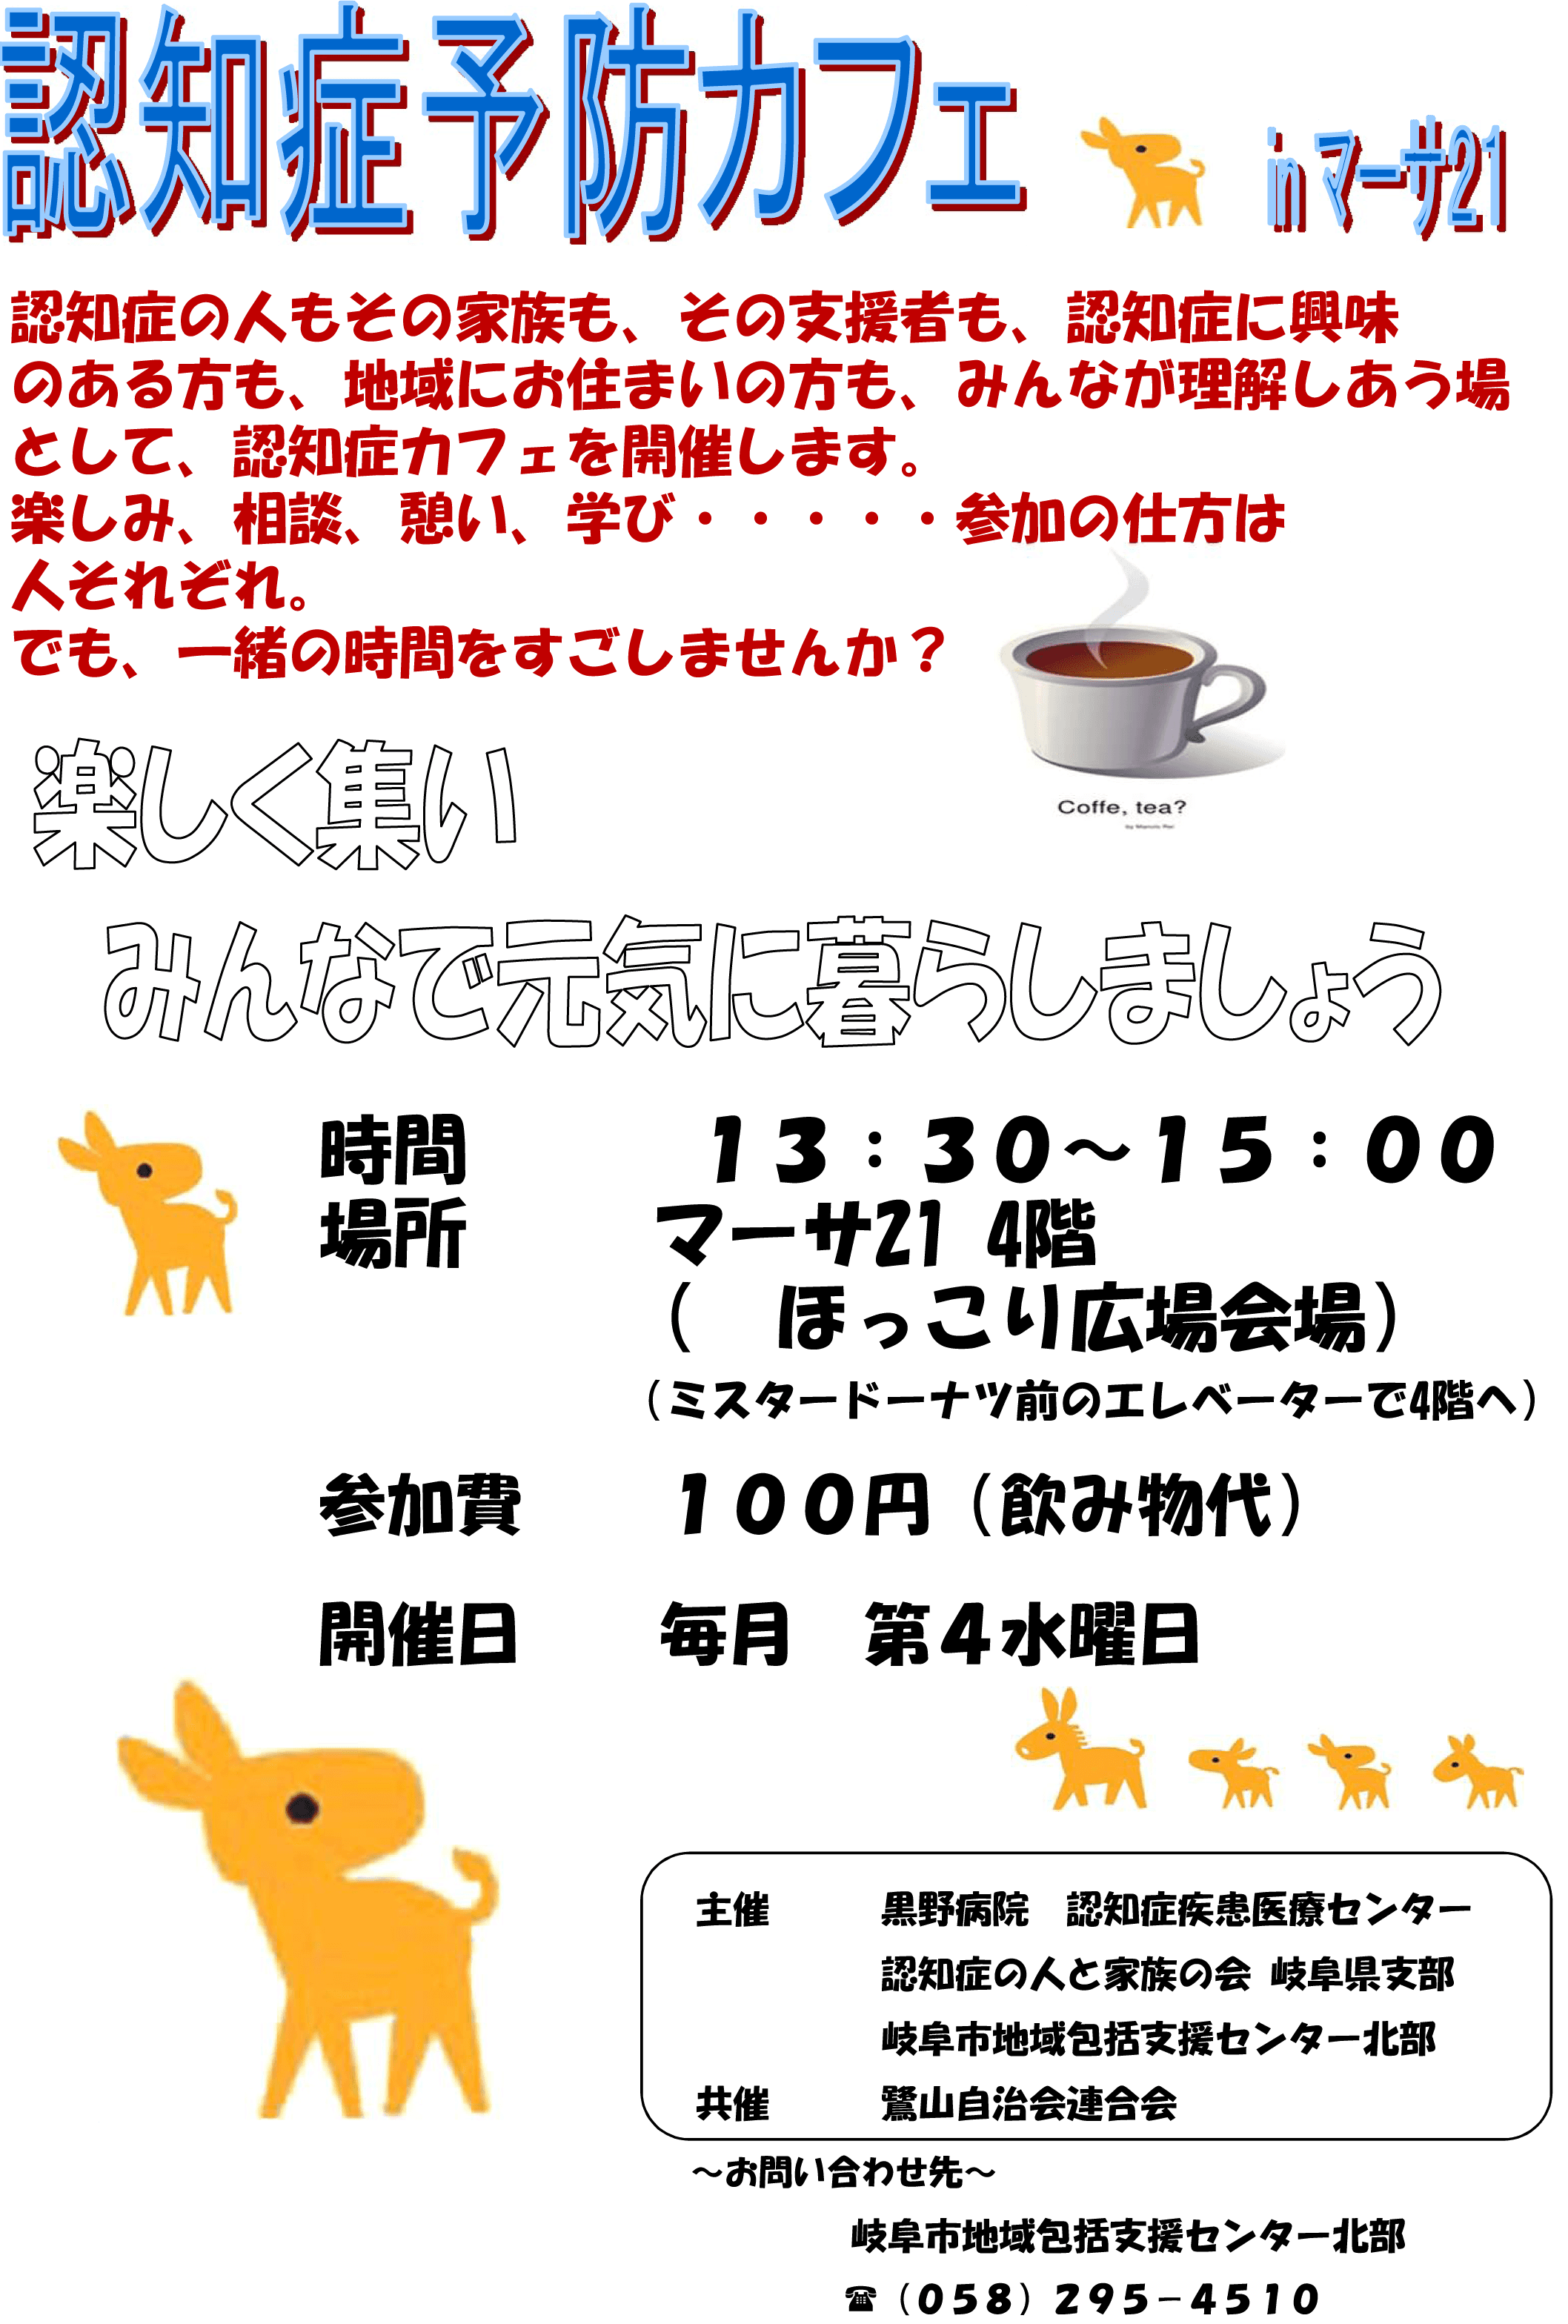 認知症予防カフェ